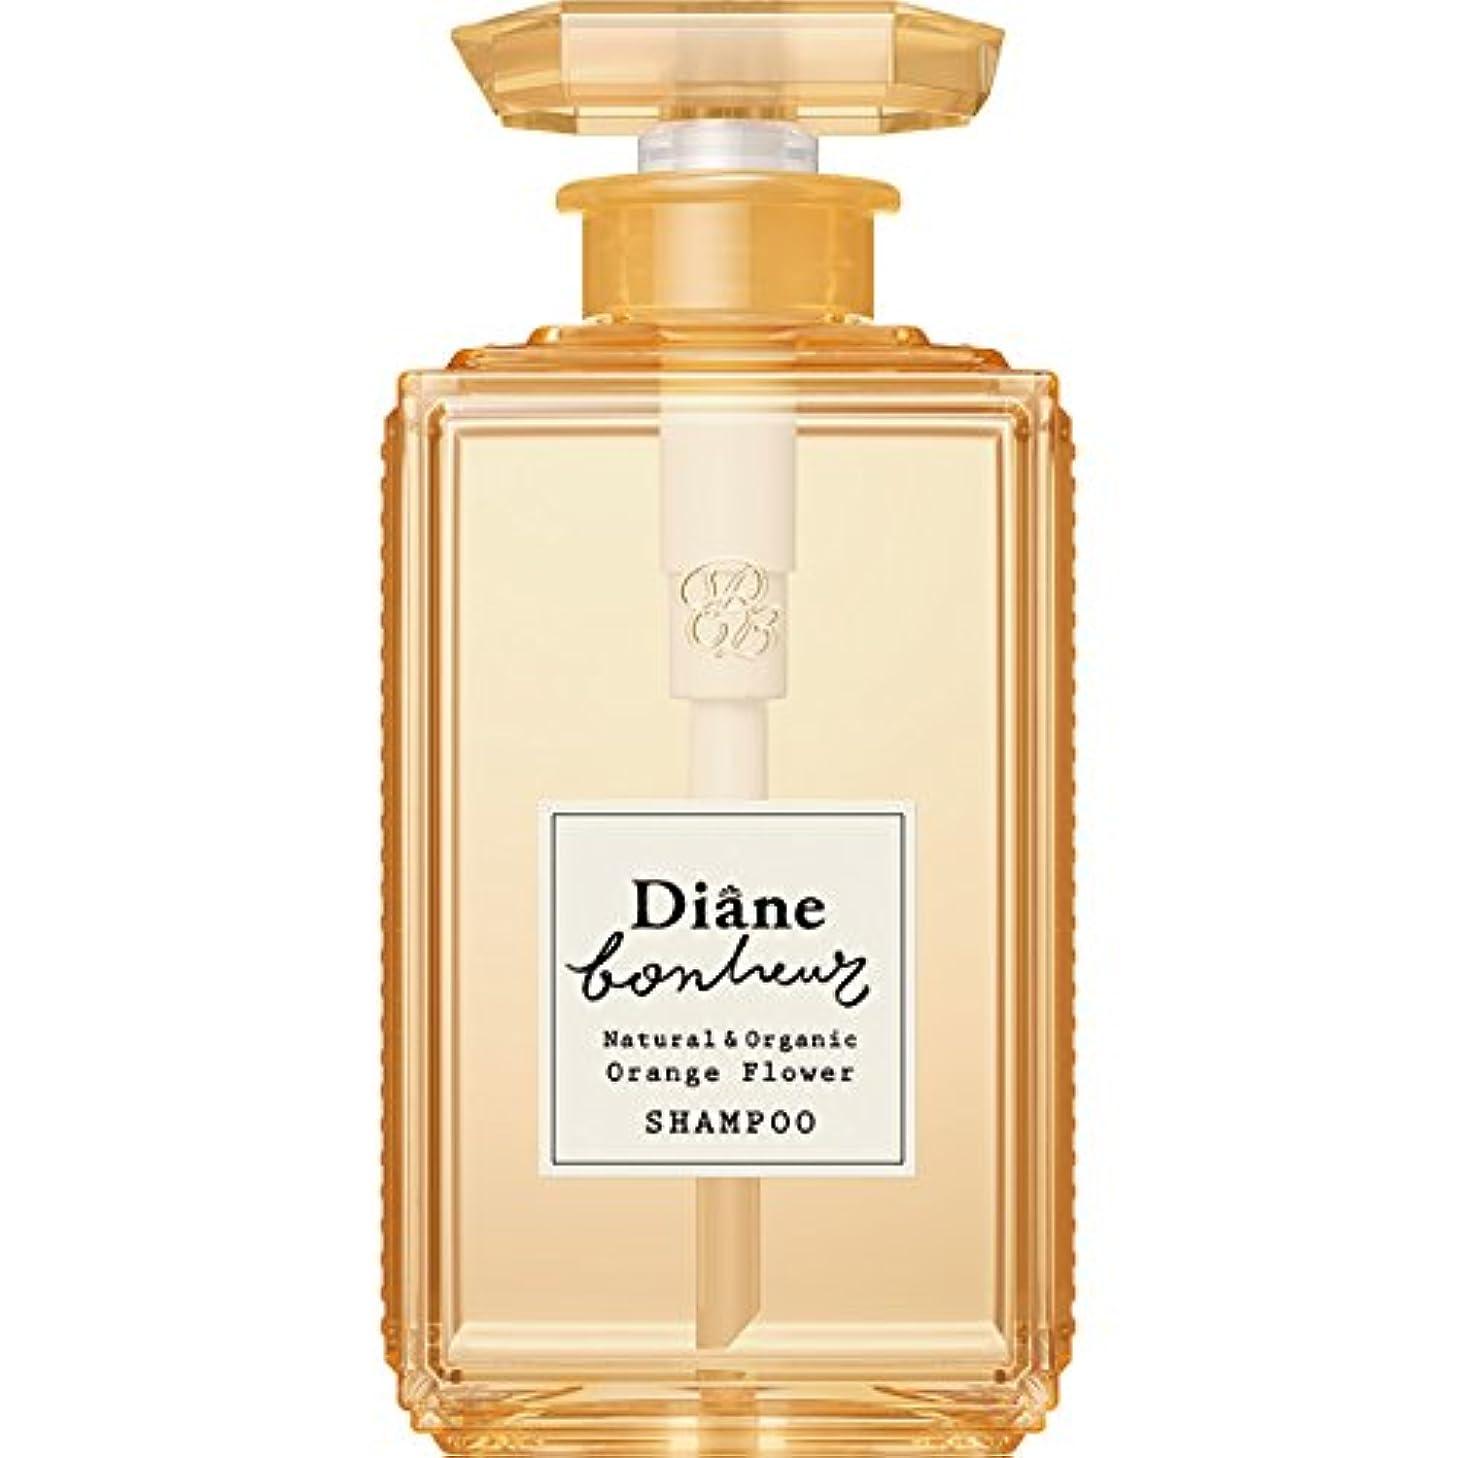 ばかげている瀬戸際報酬のダイアン ボヌール オレンジフラワーの香り モイストリラックス シャンプー 500ml